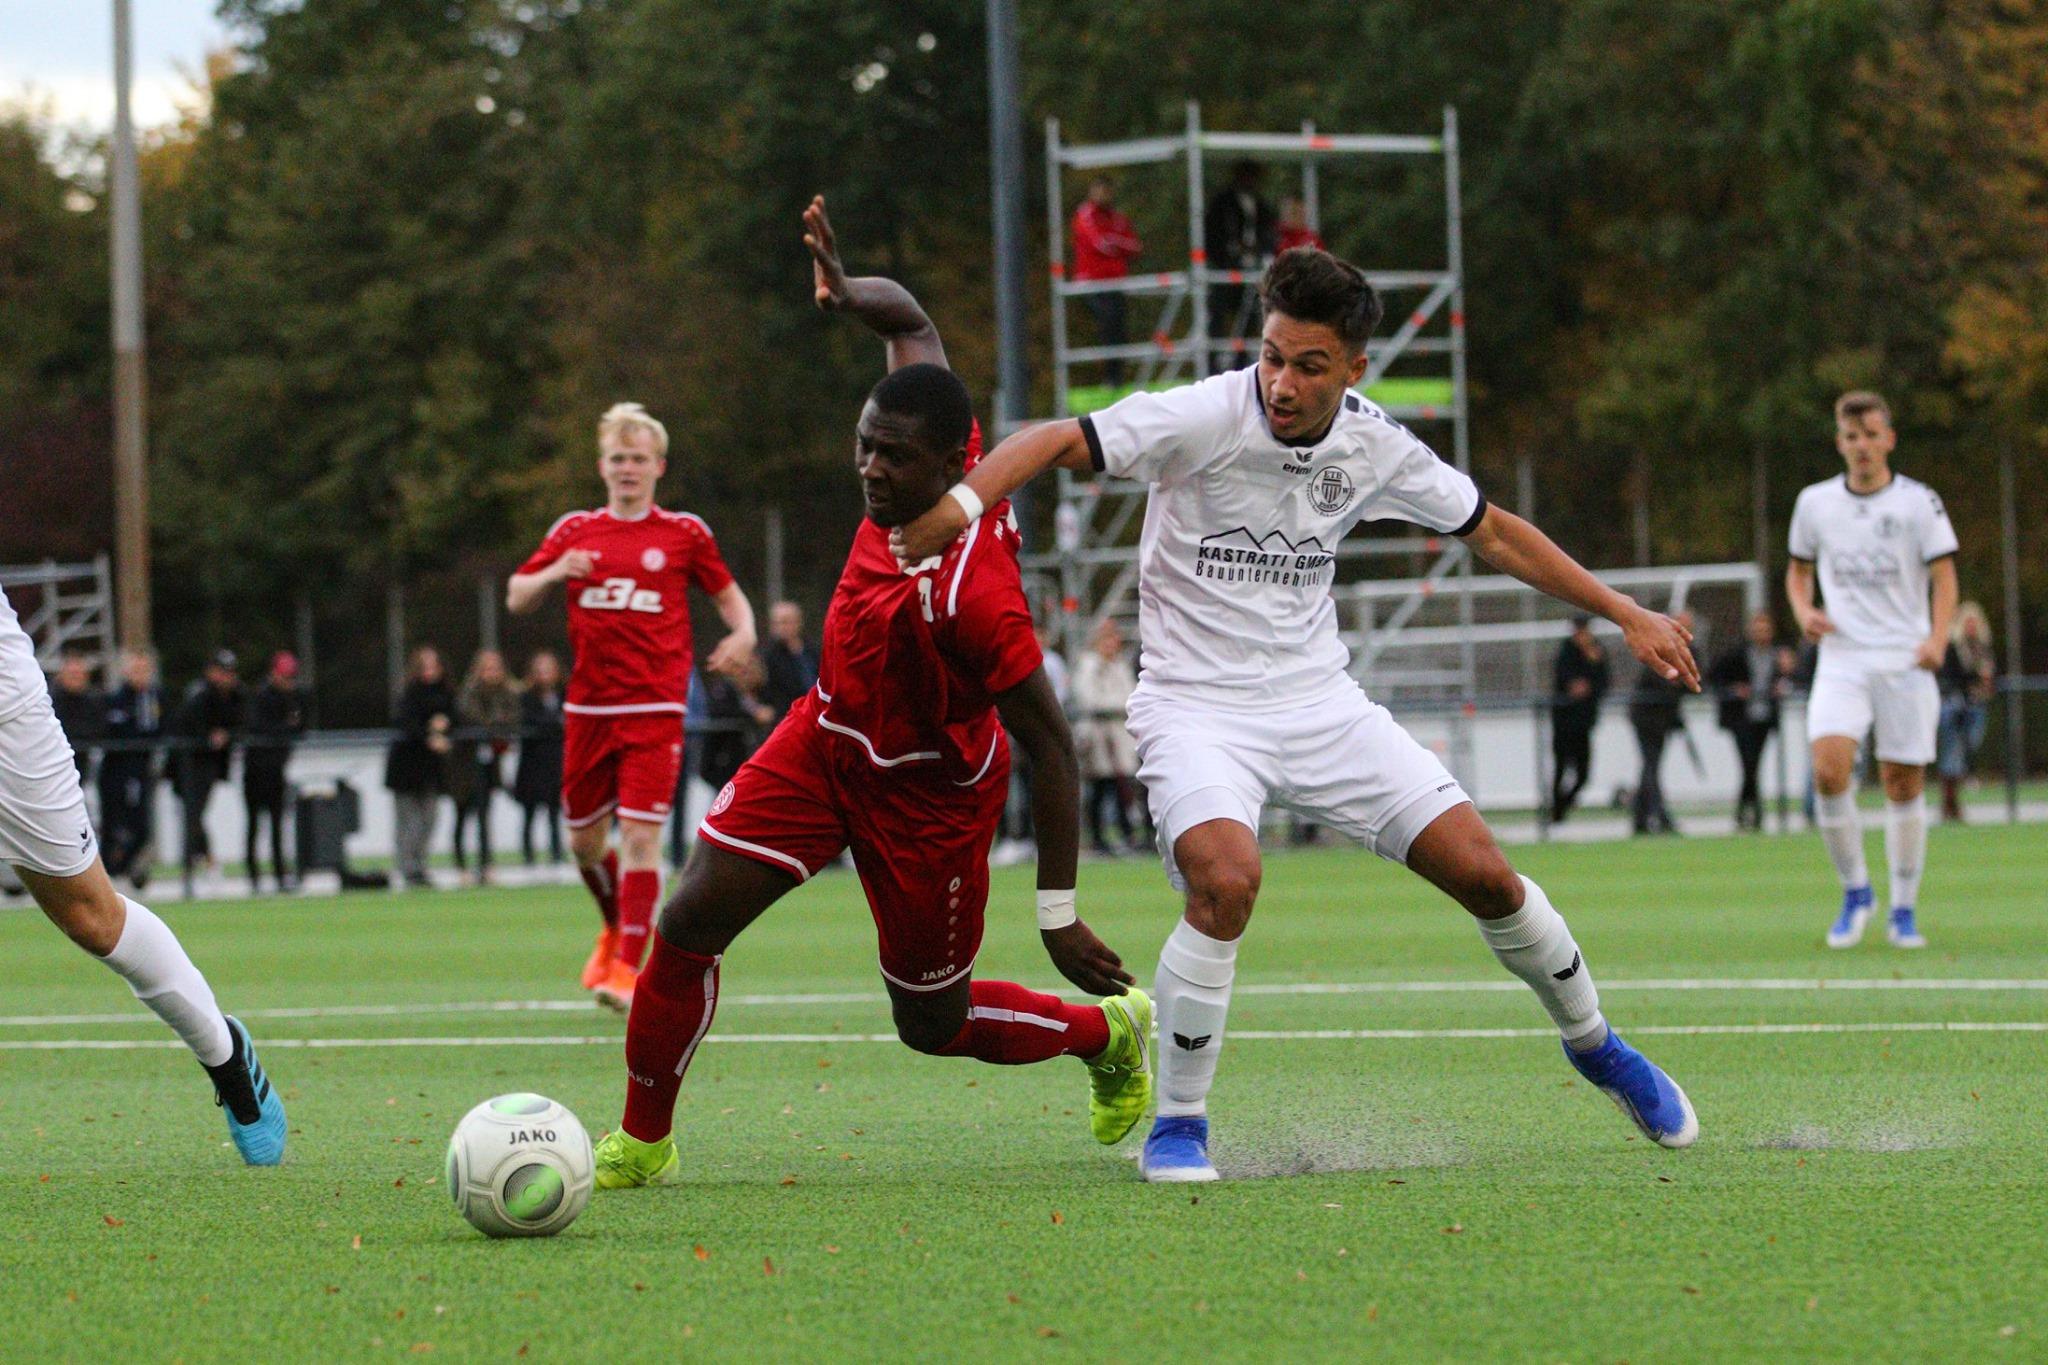 Eine bittere Niederlage musste die rot-weisse U19 im Stadtderby einstecken. (Foto: Breilmannswiese)